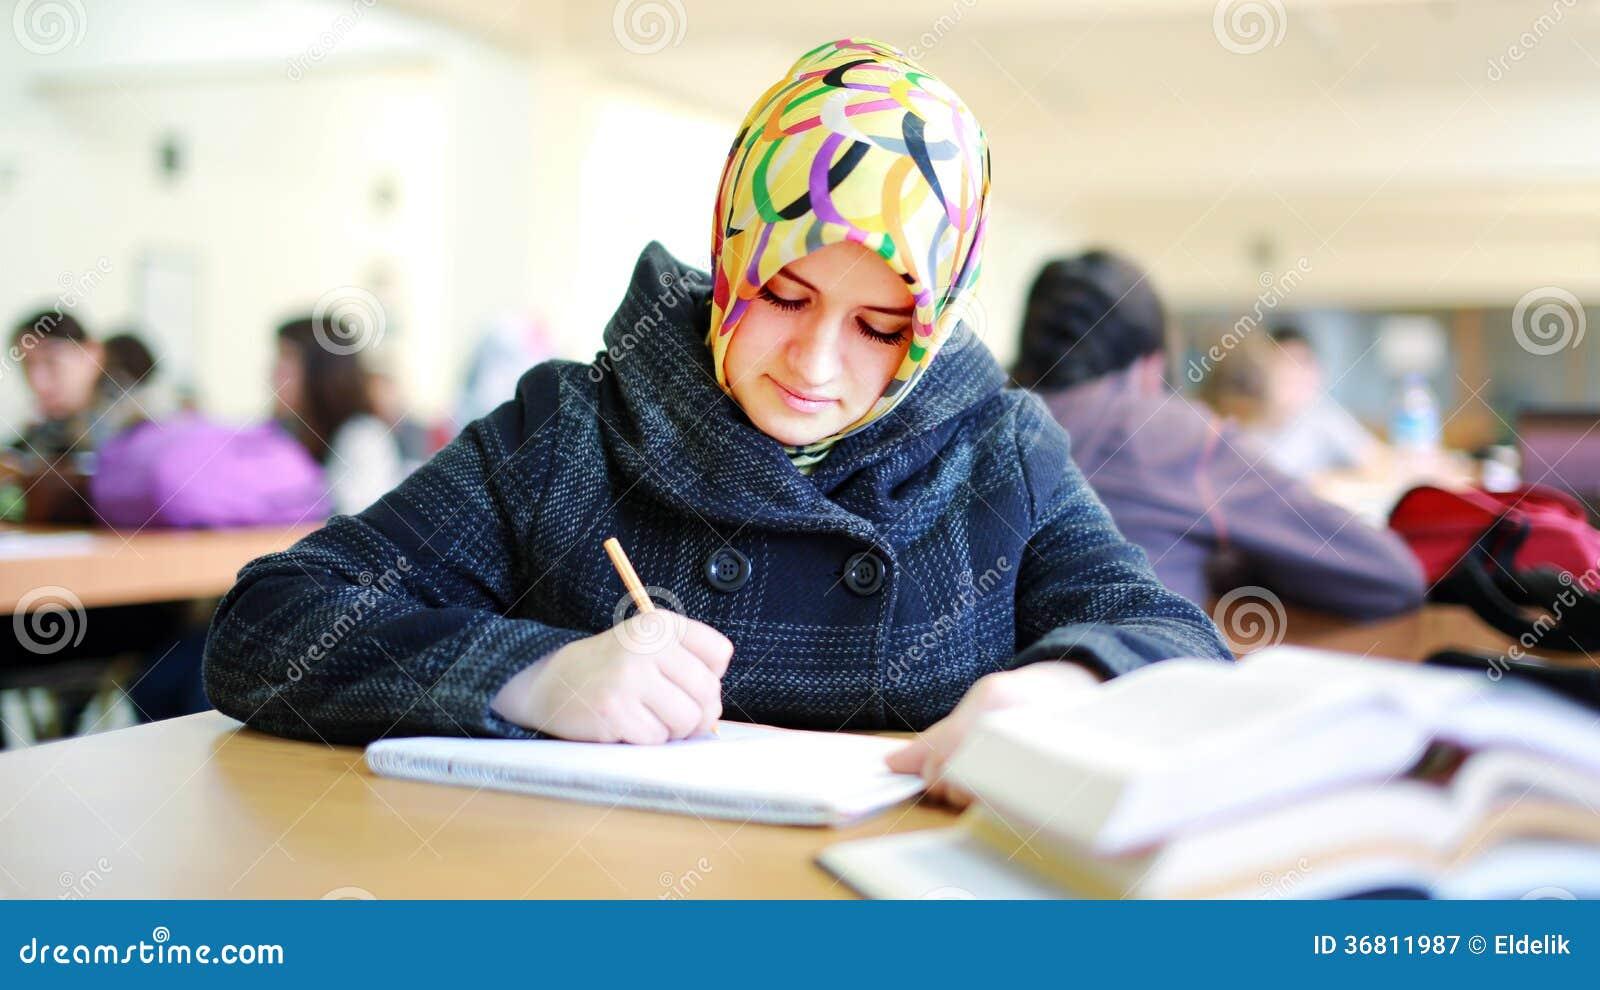 reading muslim girl personals Personals andhra pradesh women seeking men andhra pradesh nayana muslim girl kuktpaly for escot.